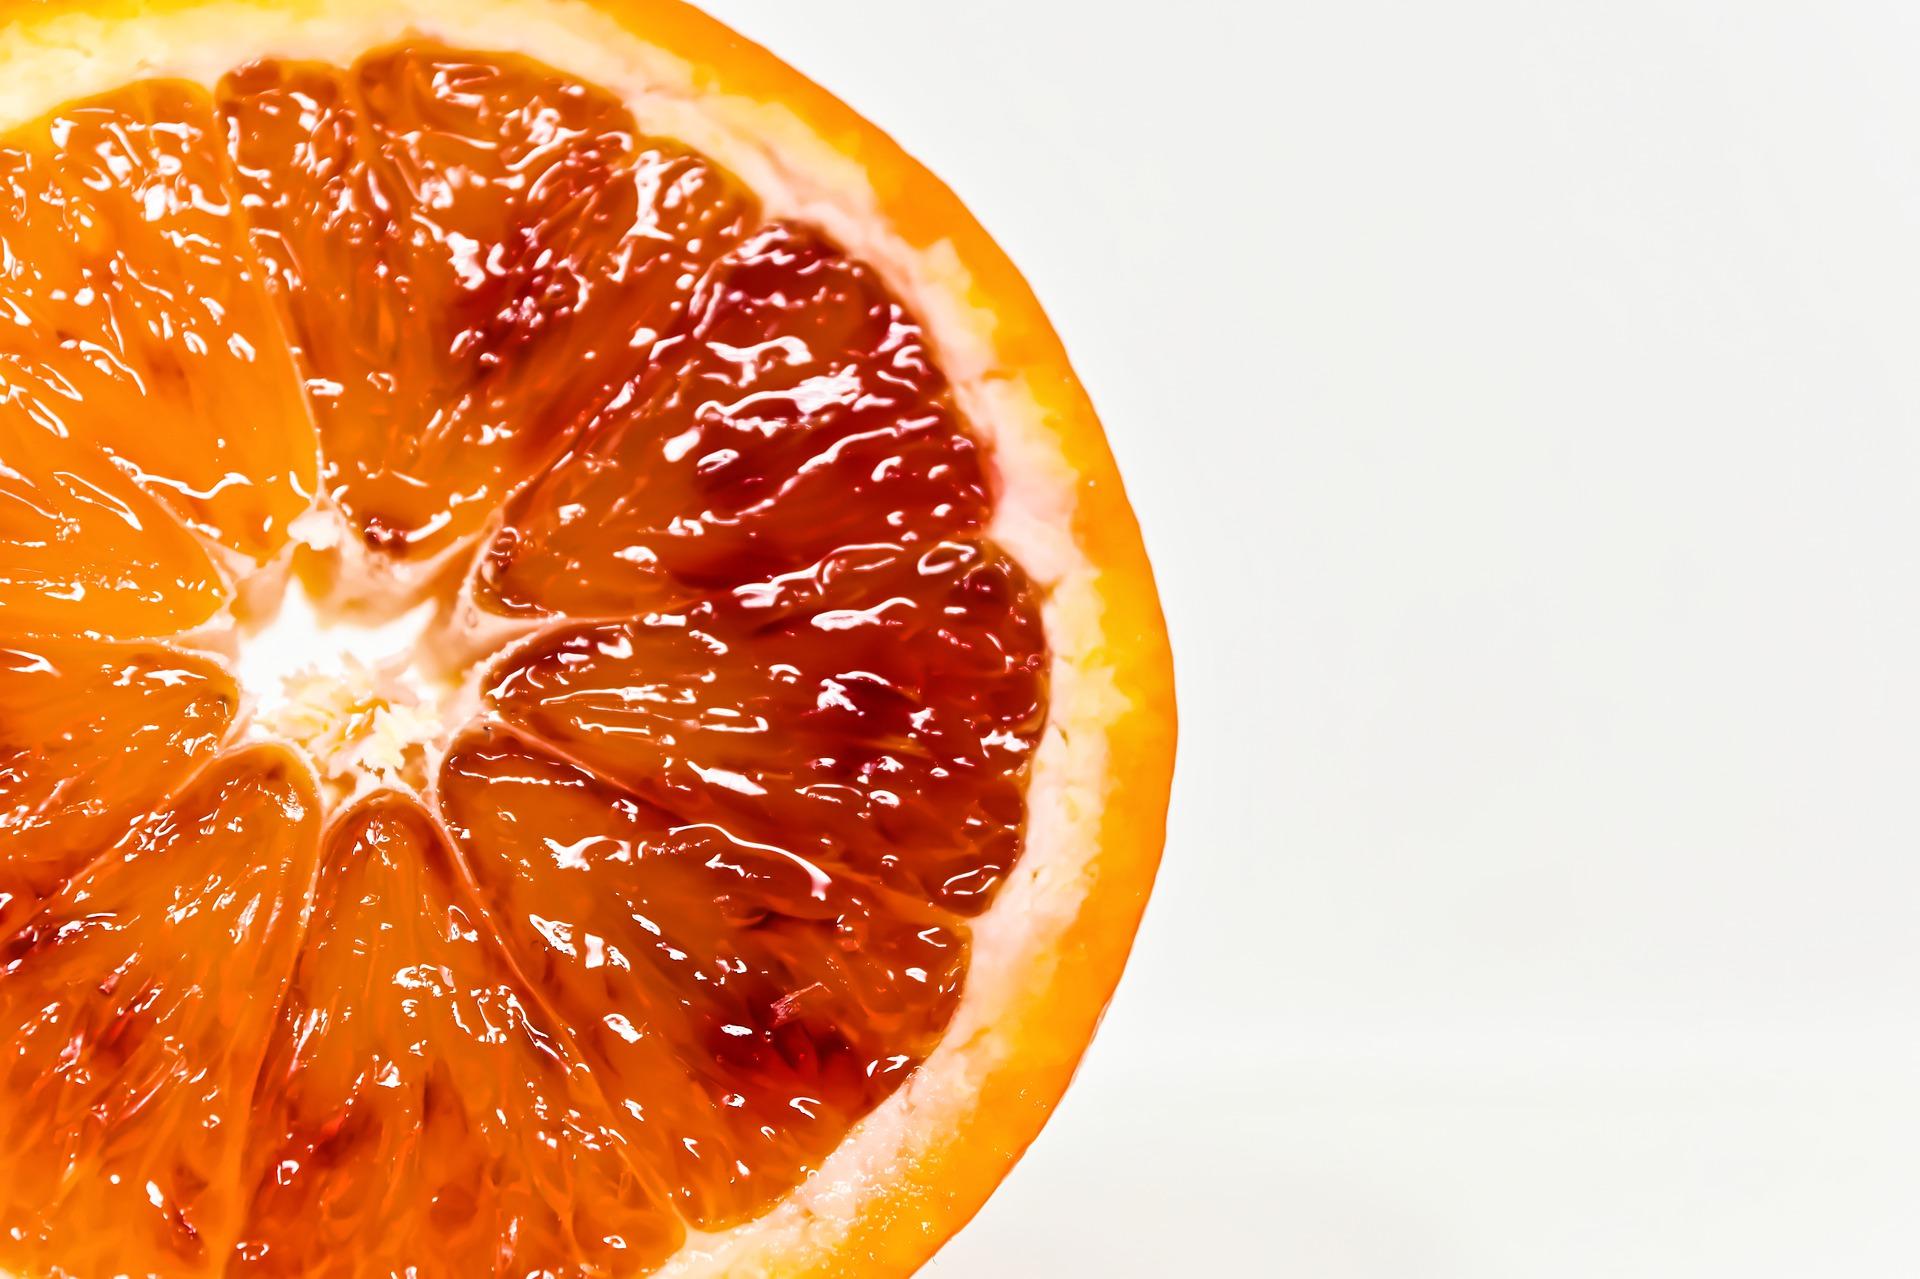 blood orange benefits properties